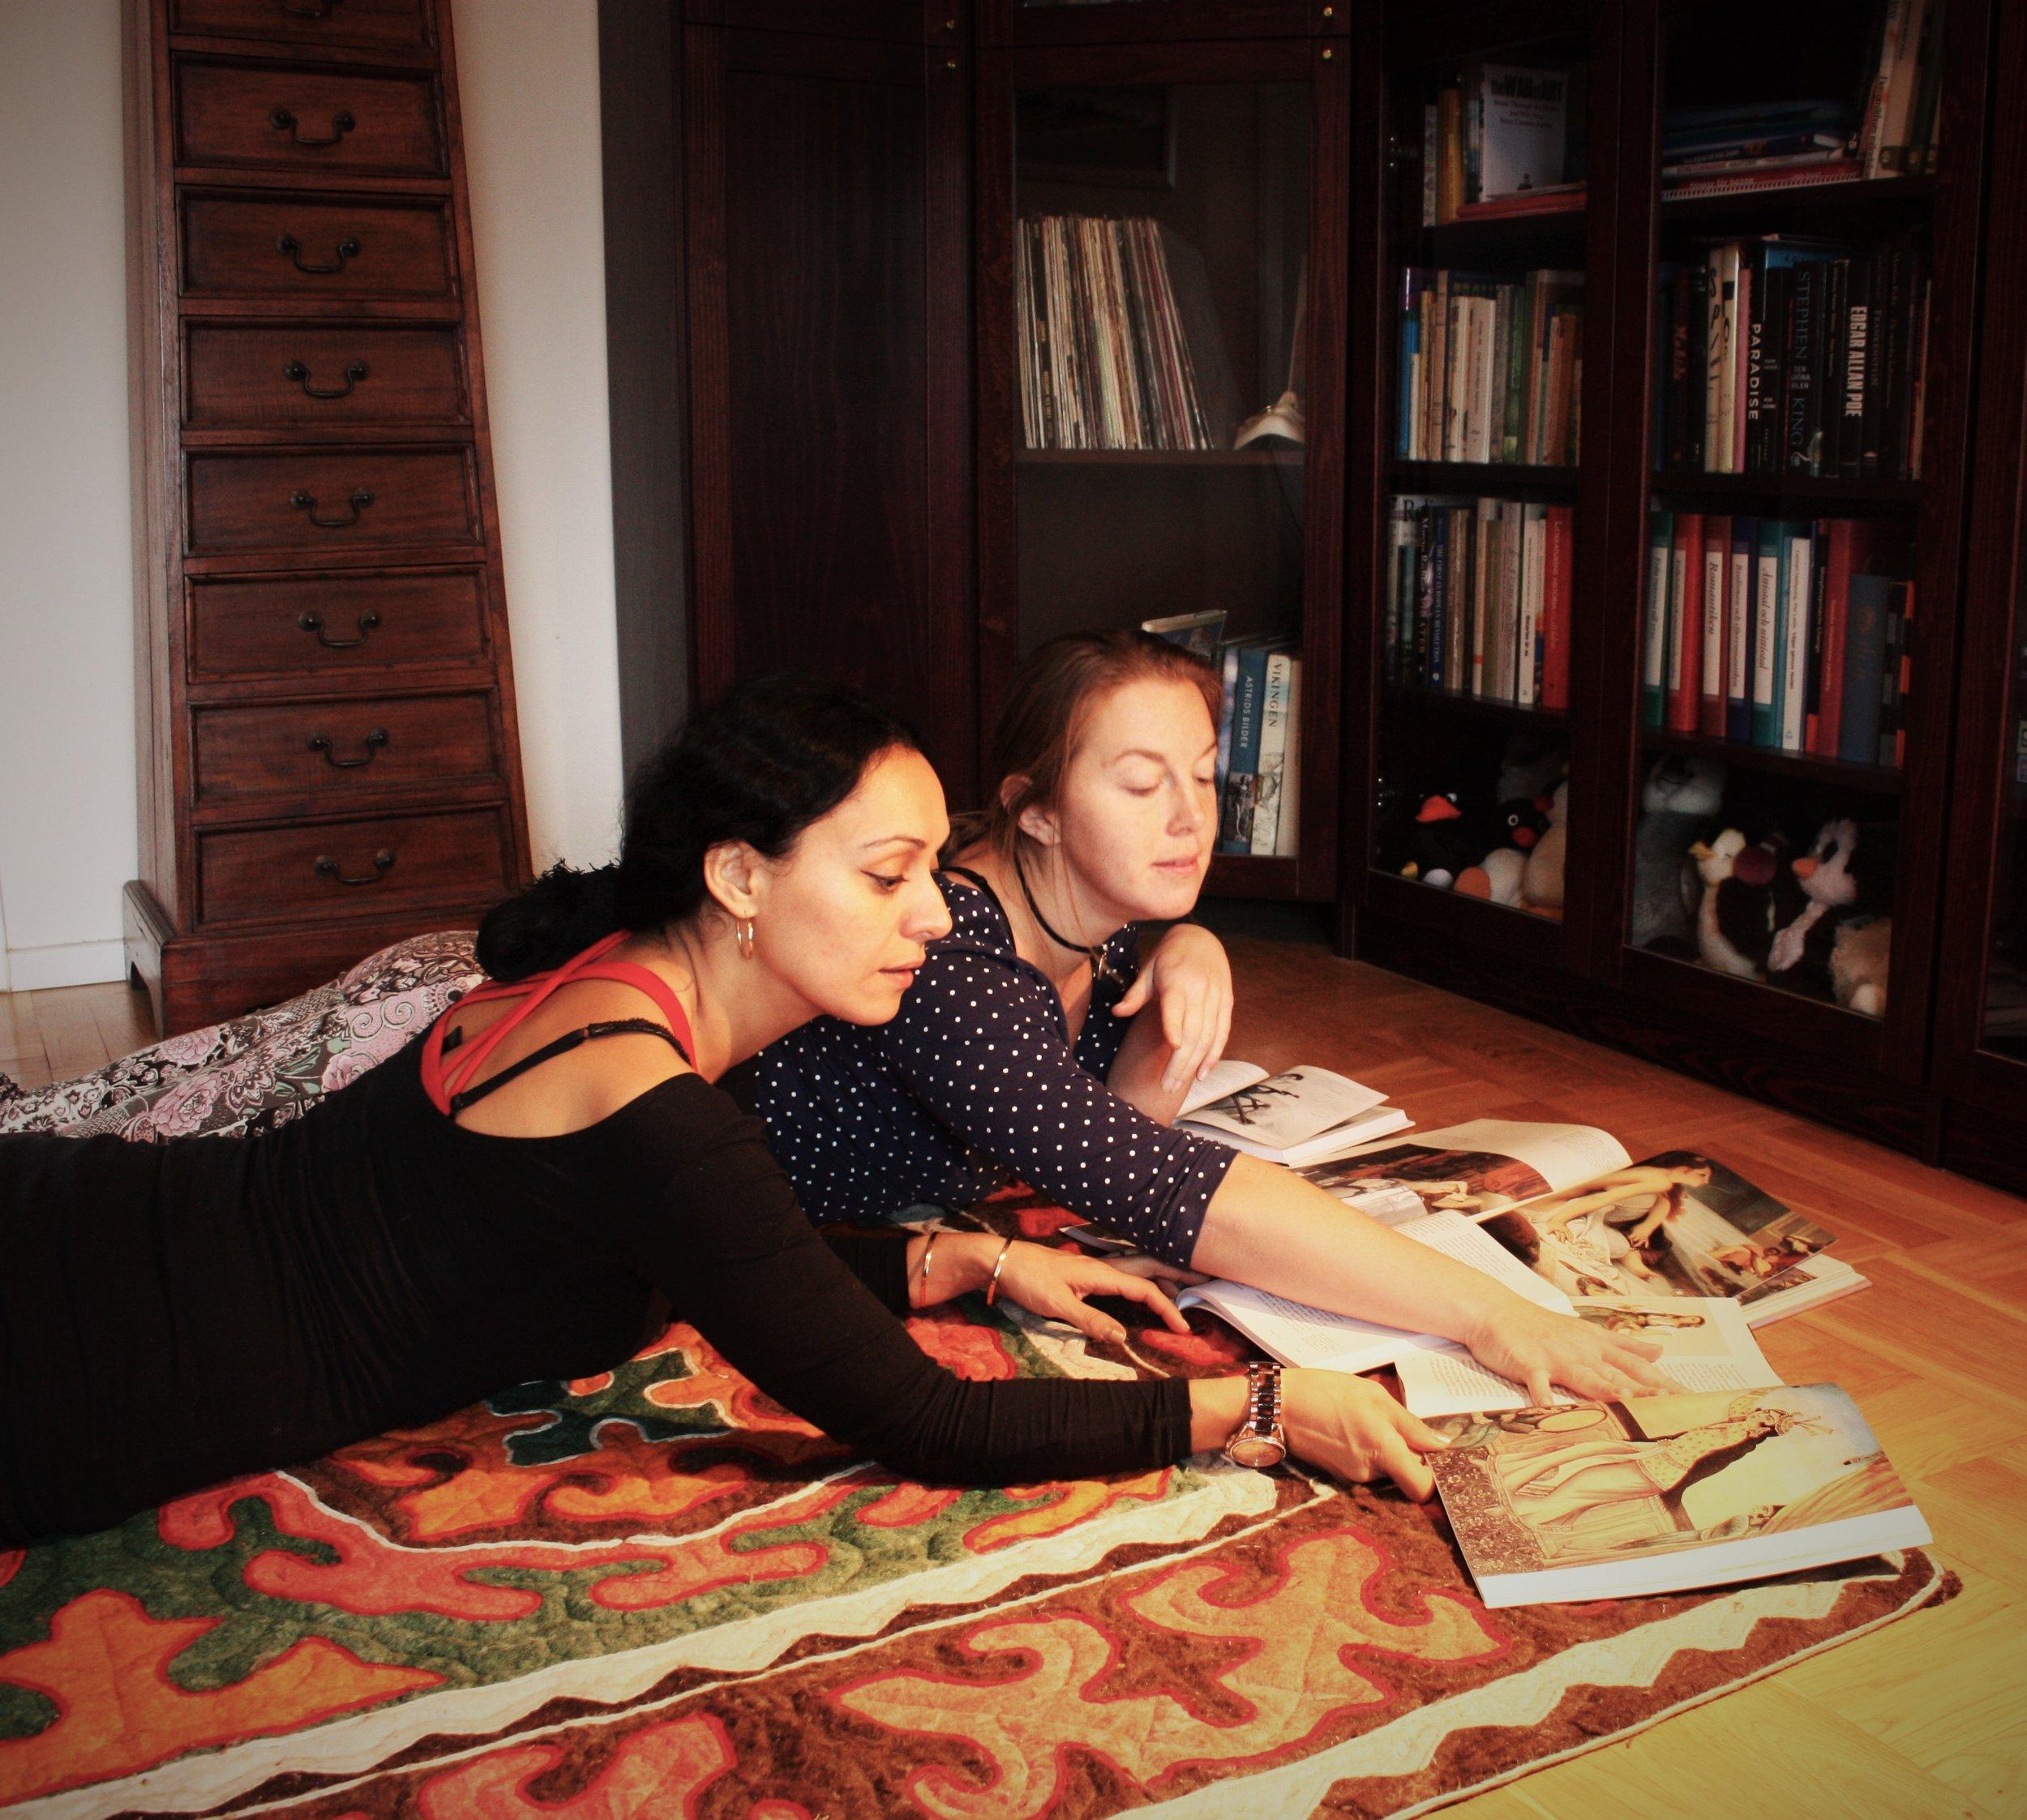 Helia Bandeh hänvsiar alltid tillbaka till konst och litteratur i sin undervisning.